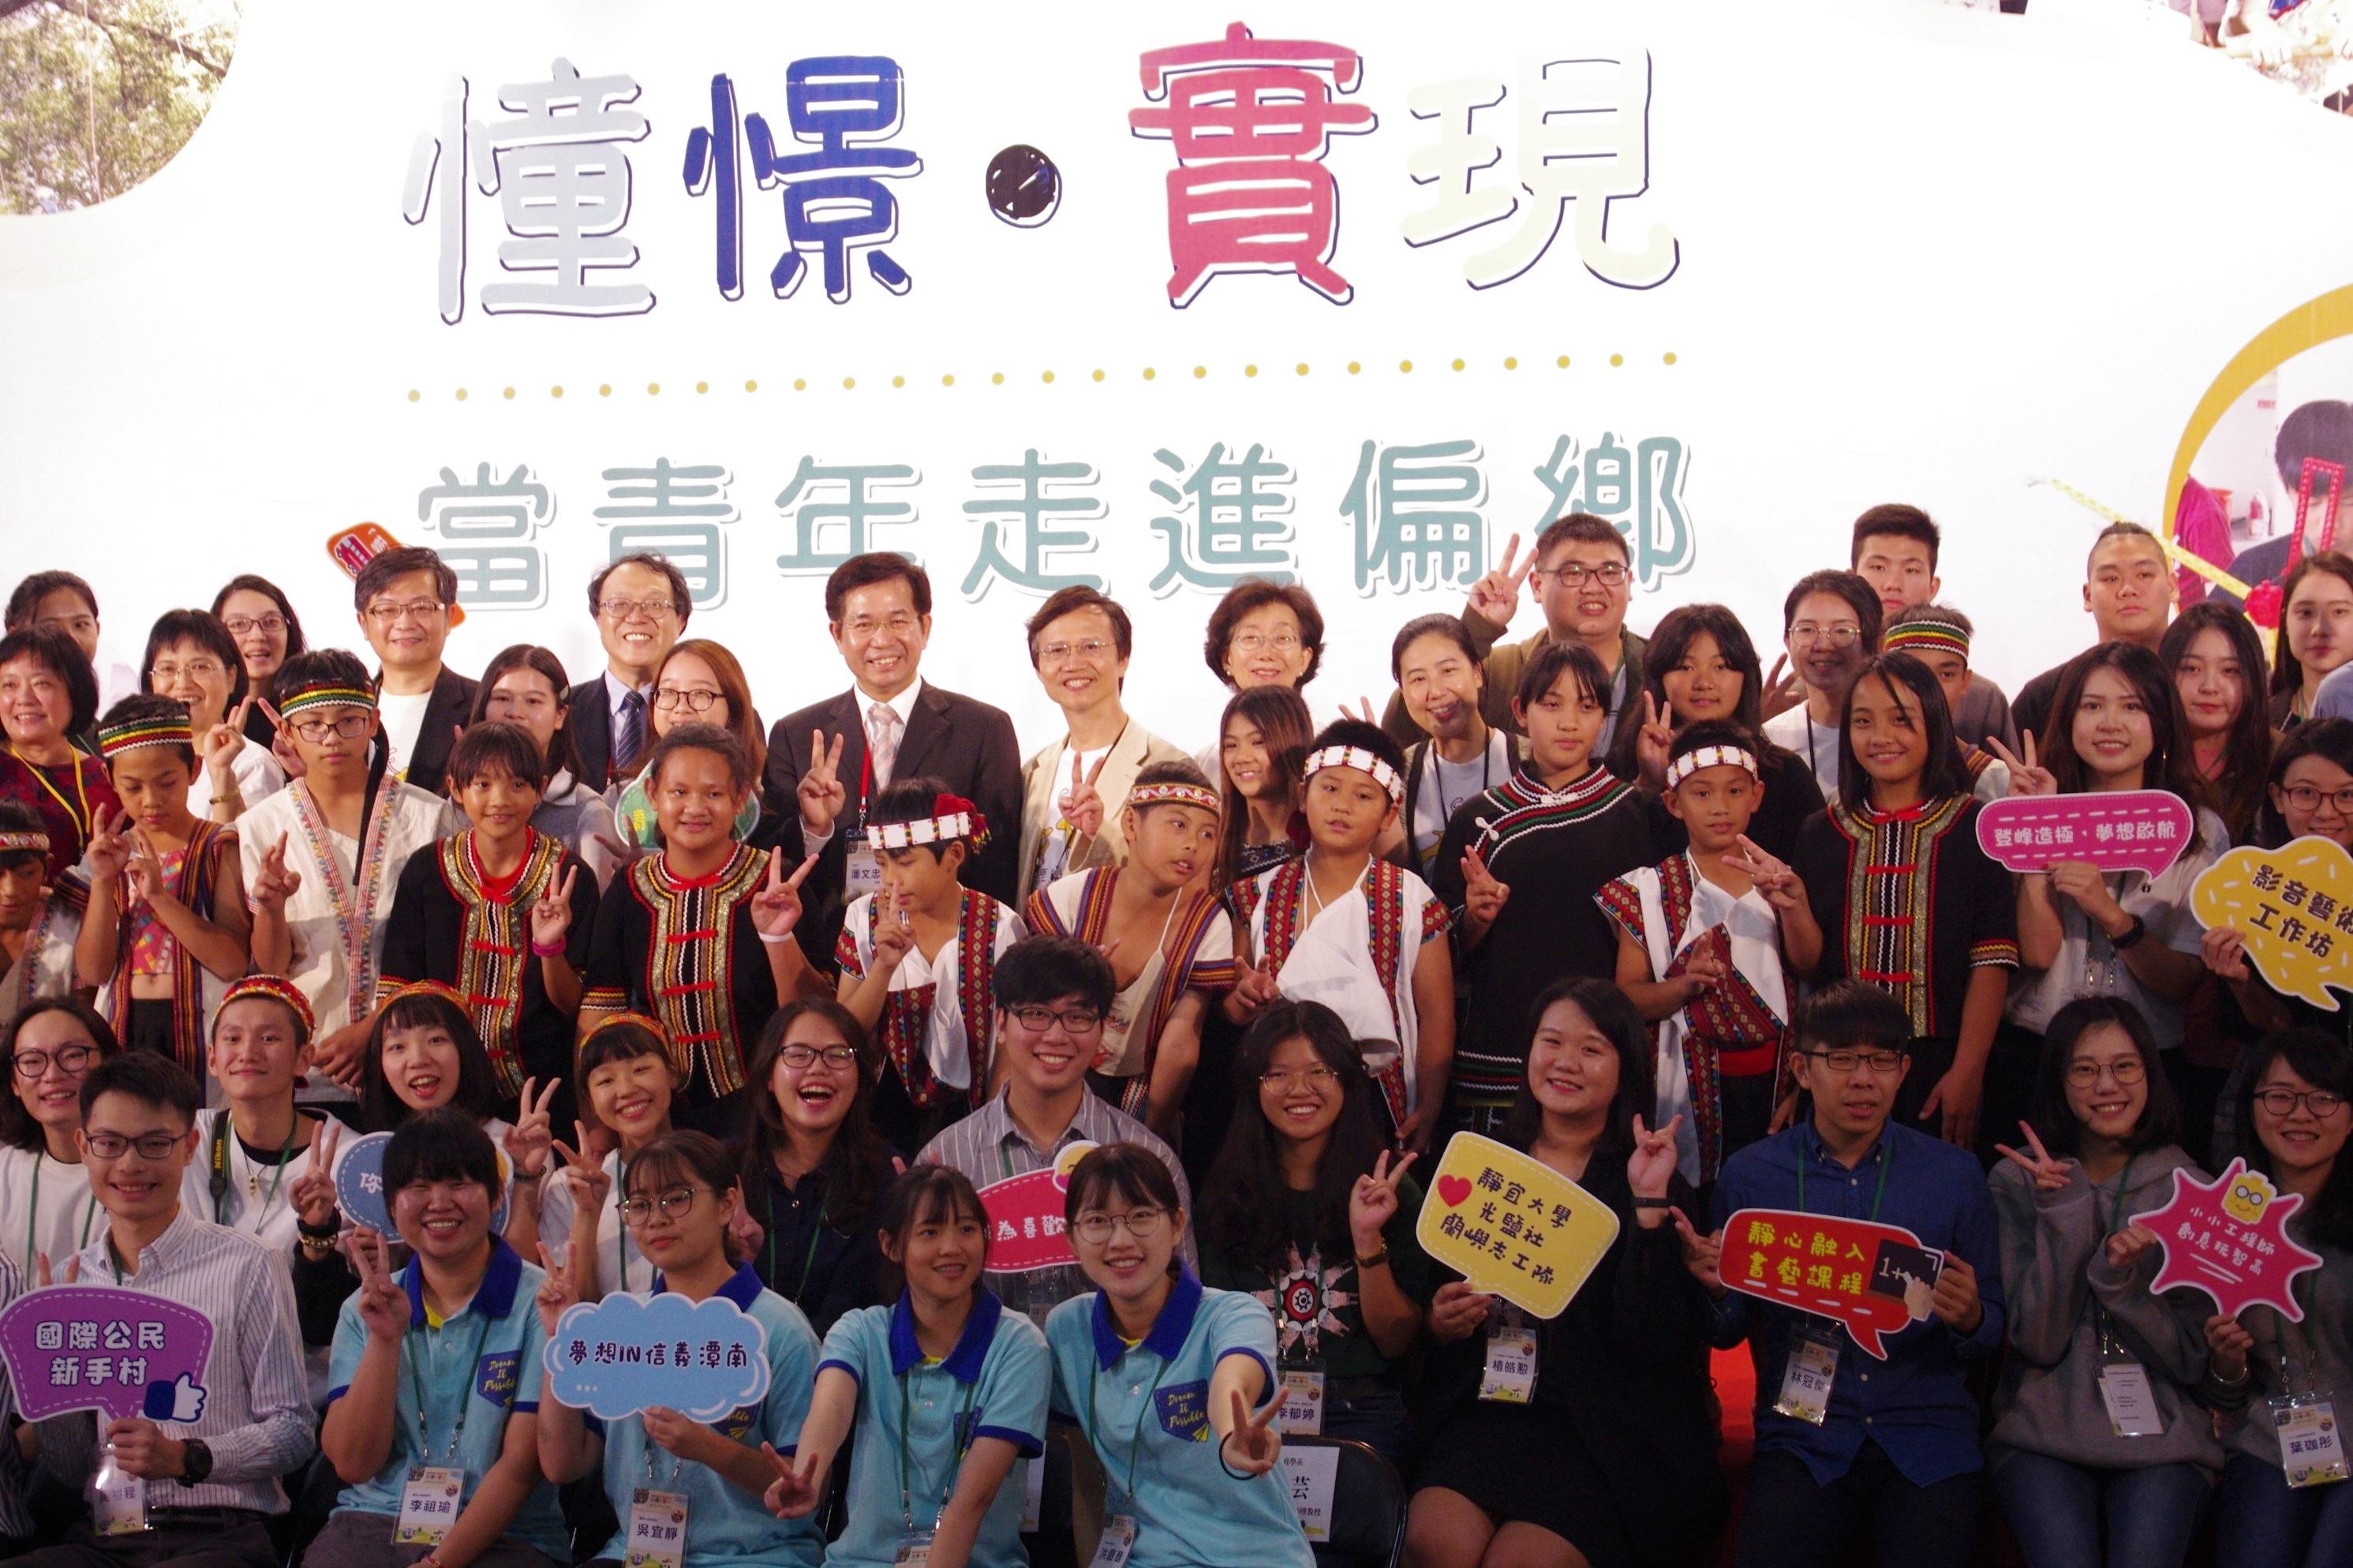 圖一)從憧憬到實現,教育部青年署舉辦「青年鹿樂實踐家計畫」成果分享記者會